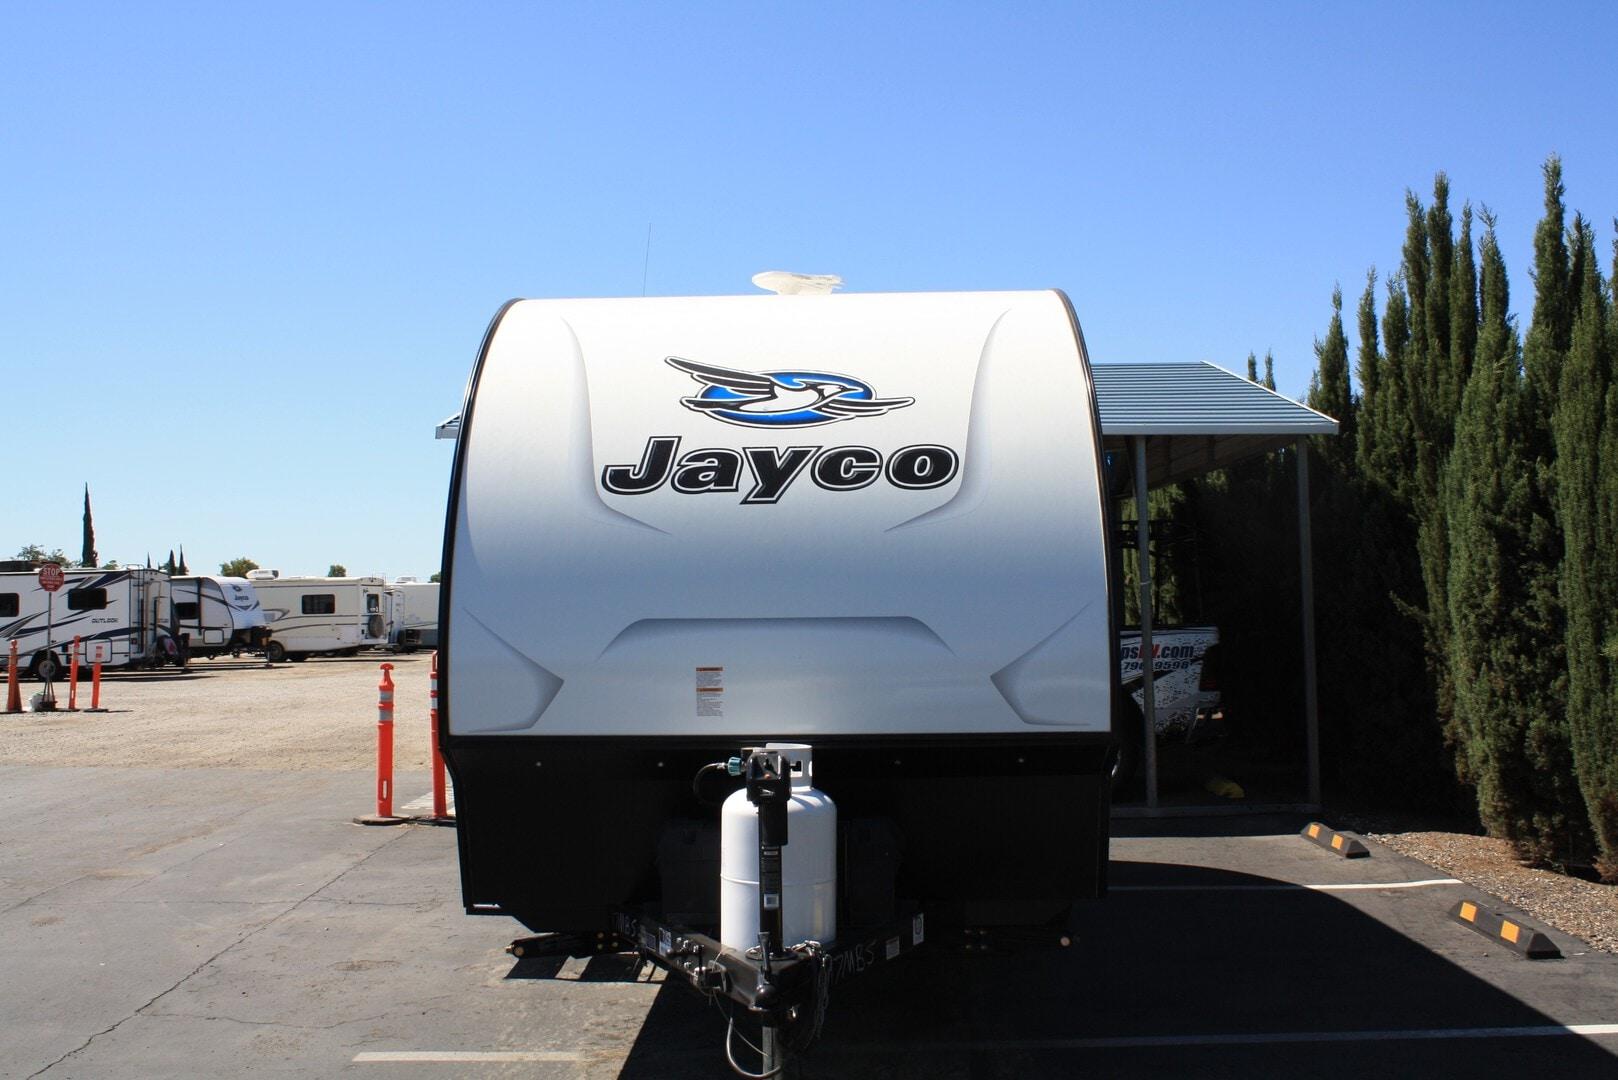 Used, 2019, Jayco, 17MBS|Hummingbird, Travel Trailers